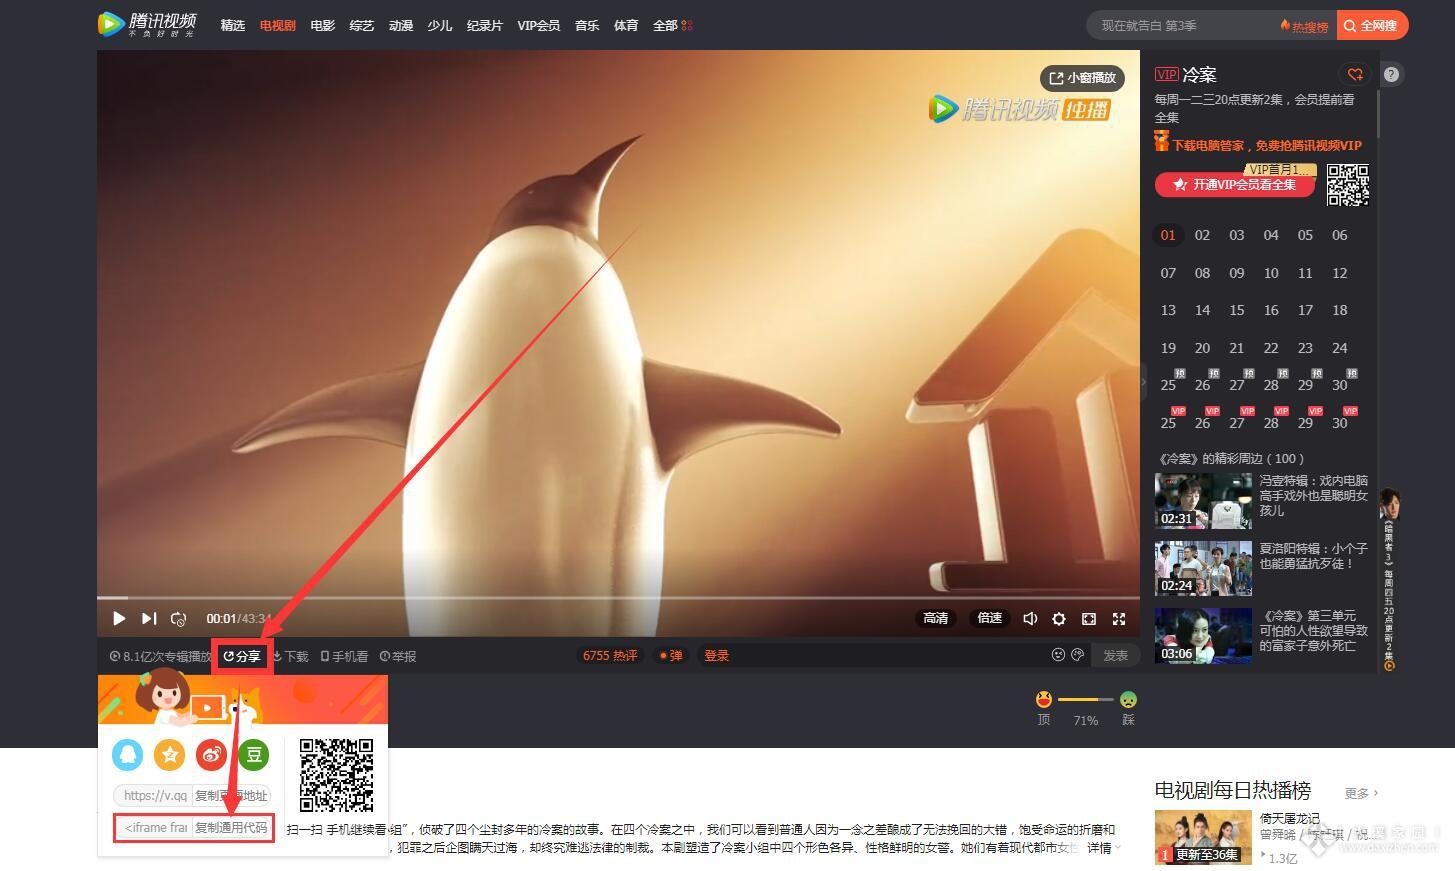 获取腾讯视频iframe代码.jpg